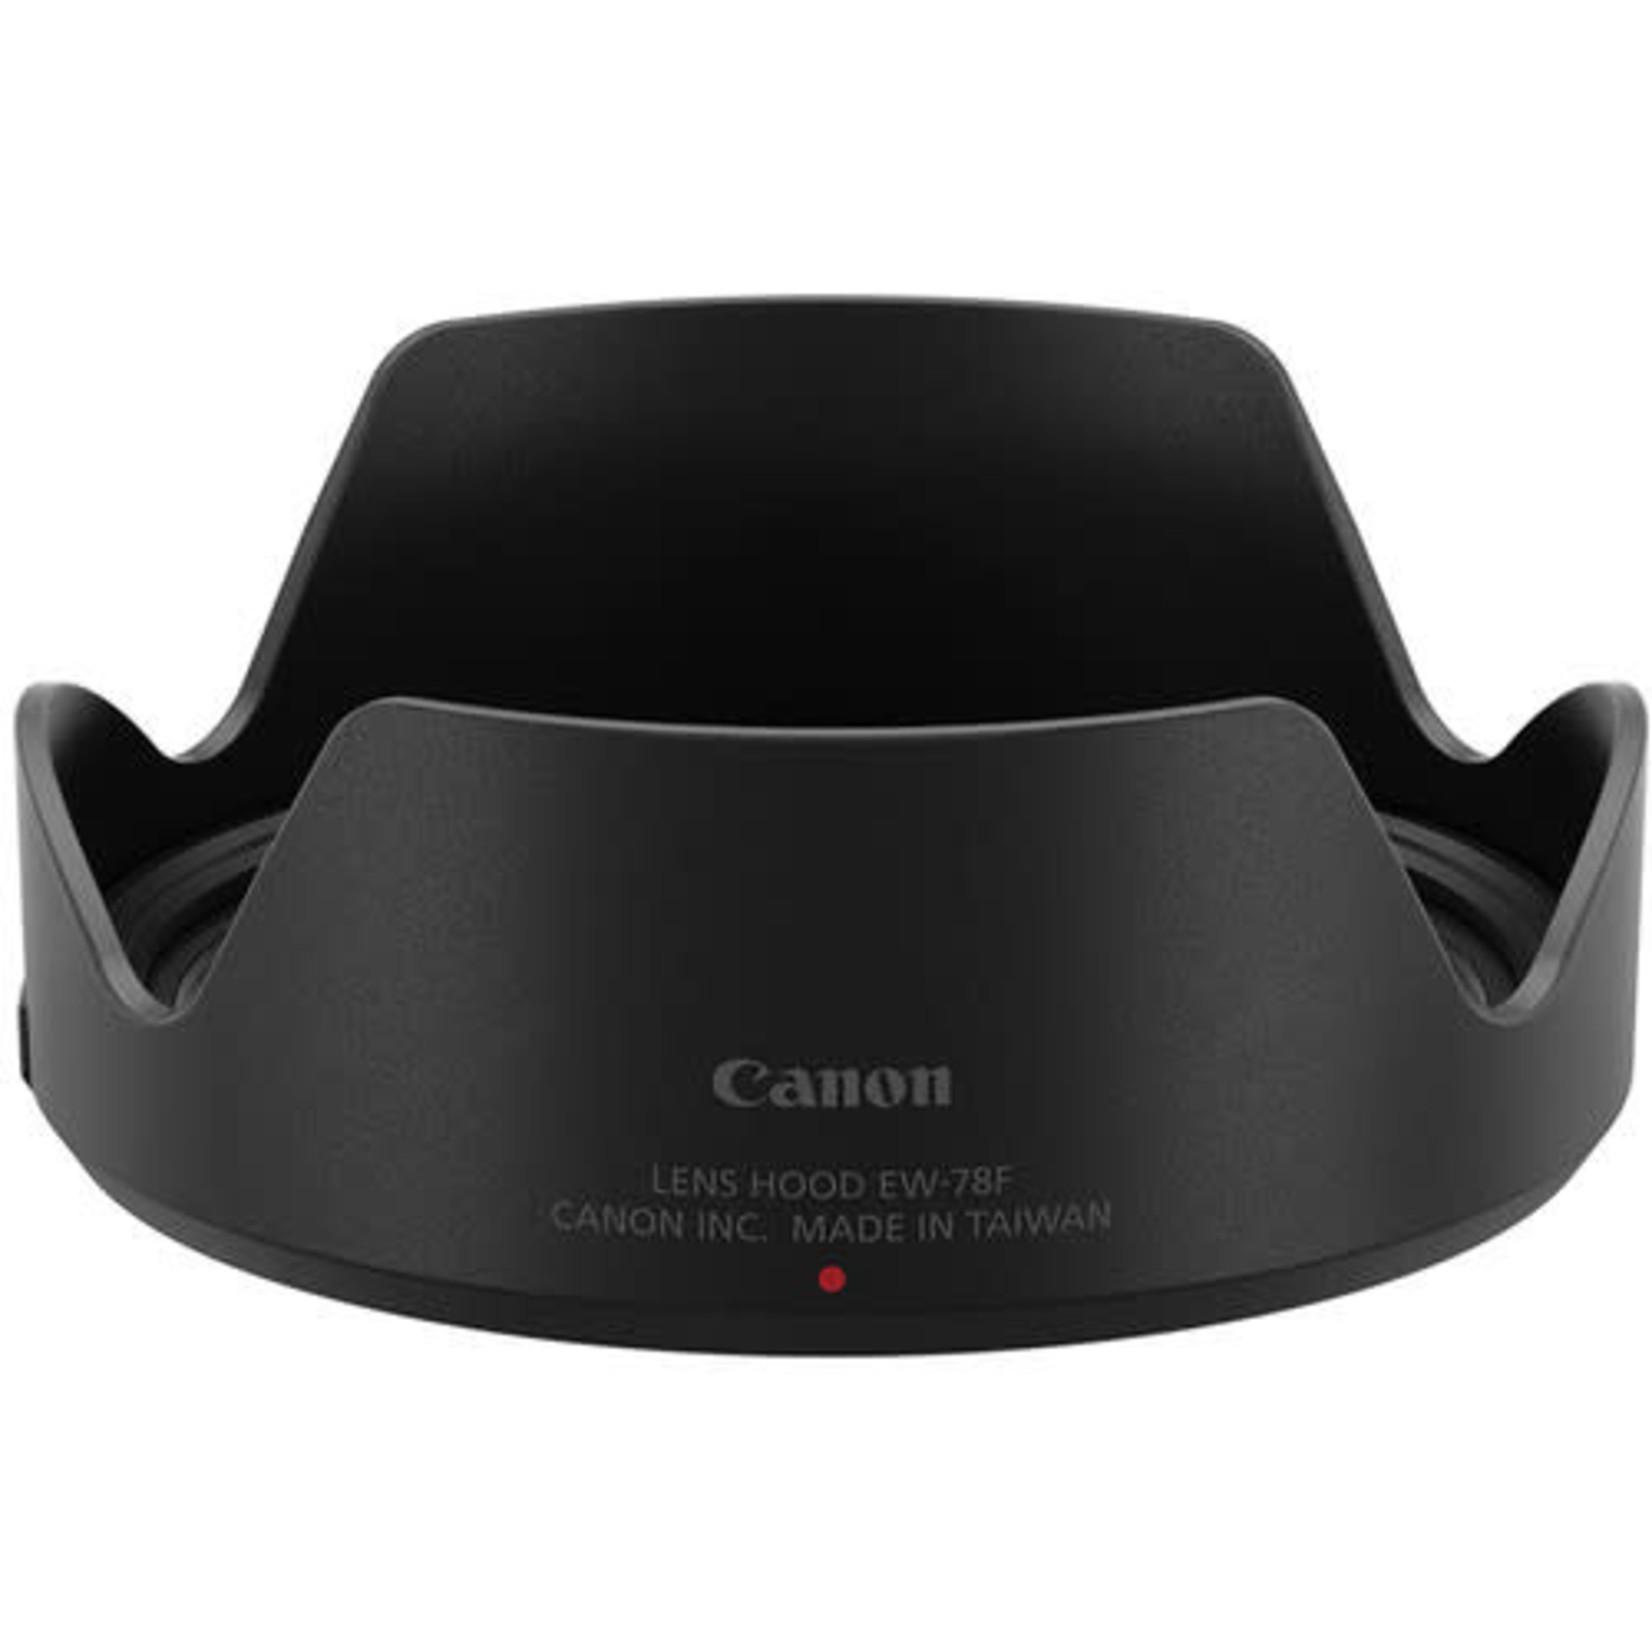 Canon Canon EW-78F Lens Hood